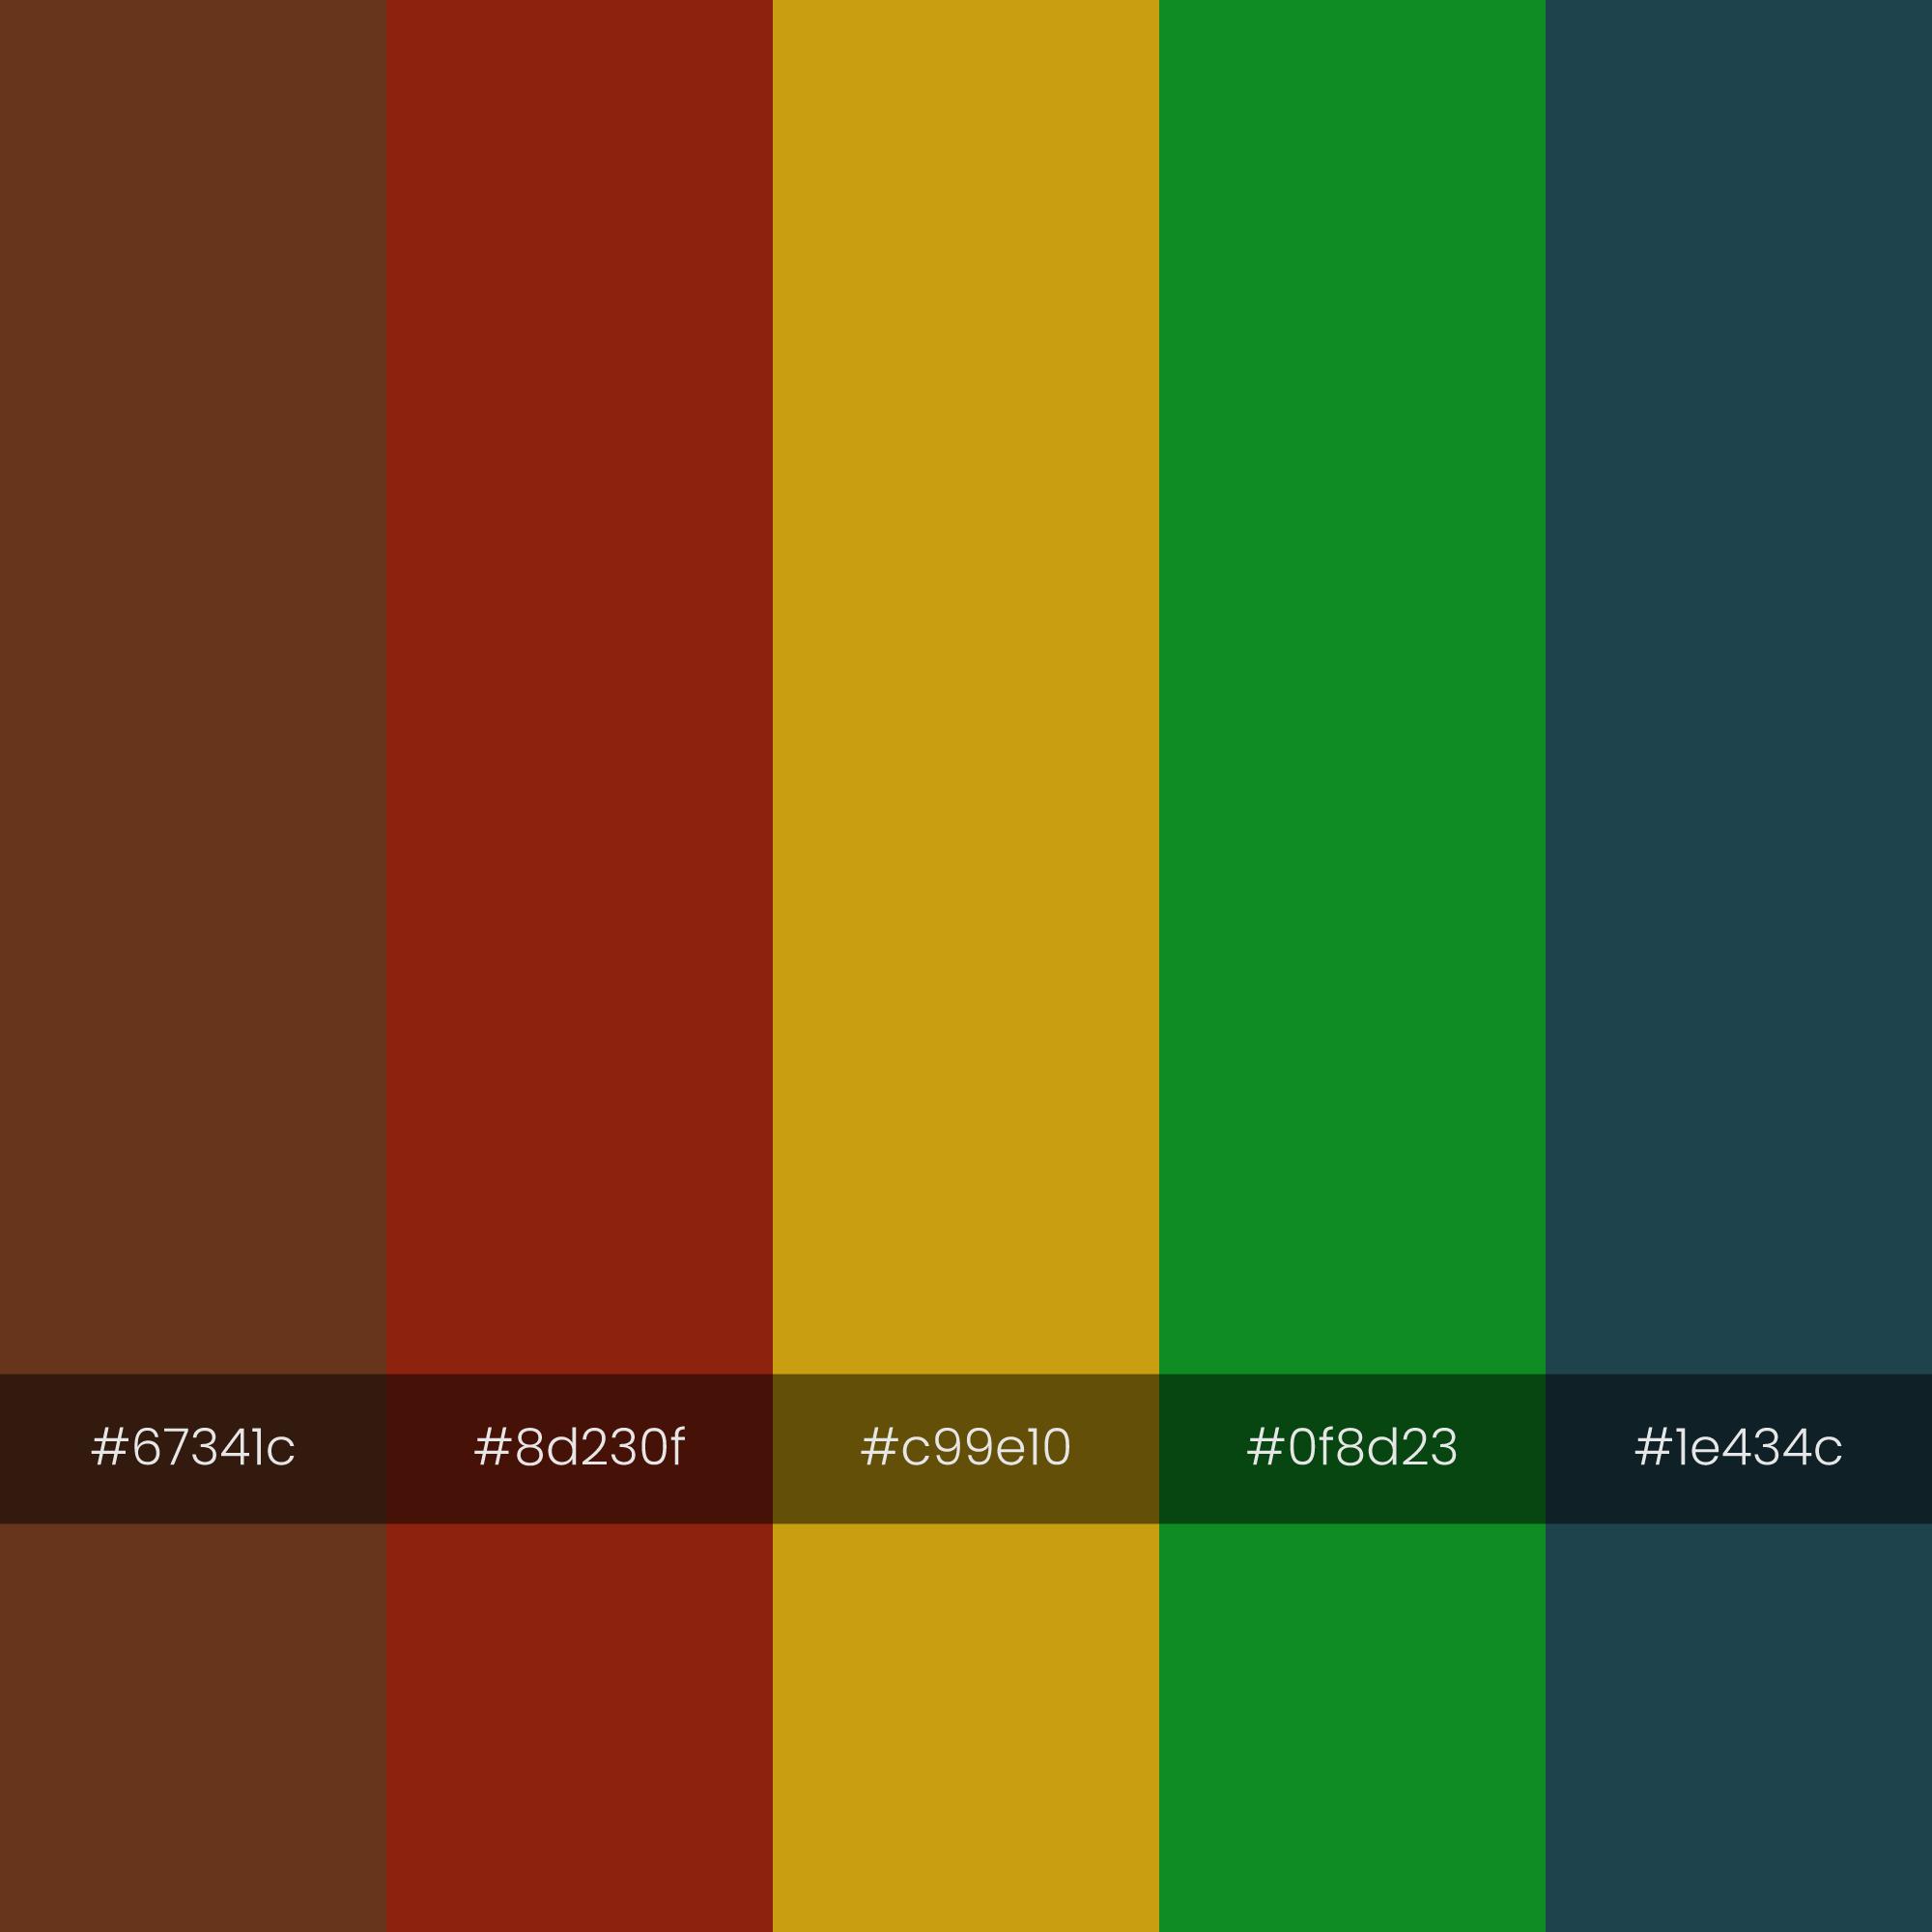 jason-b-graham-color-palette-67341b-extended